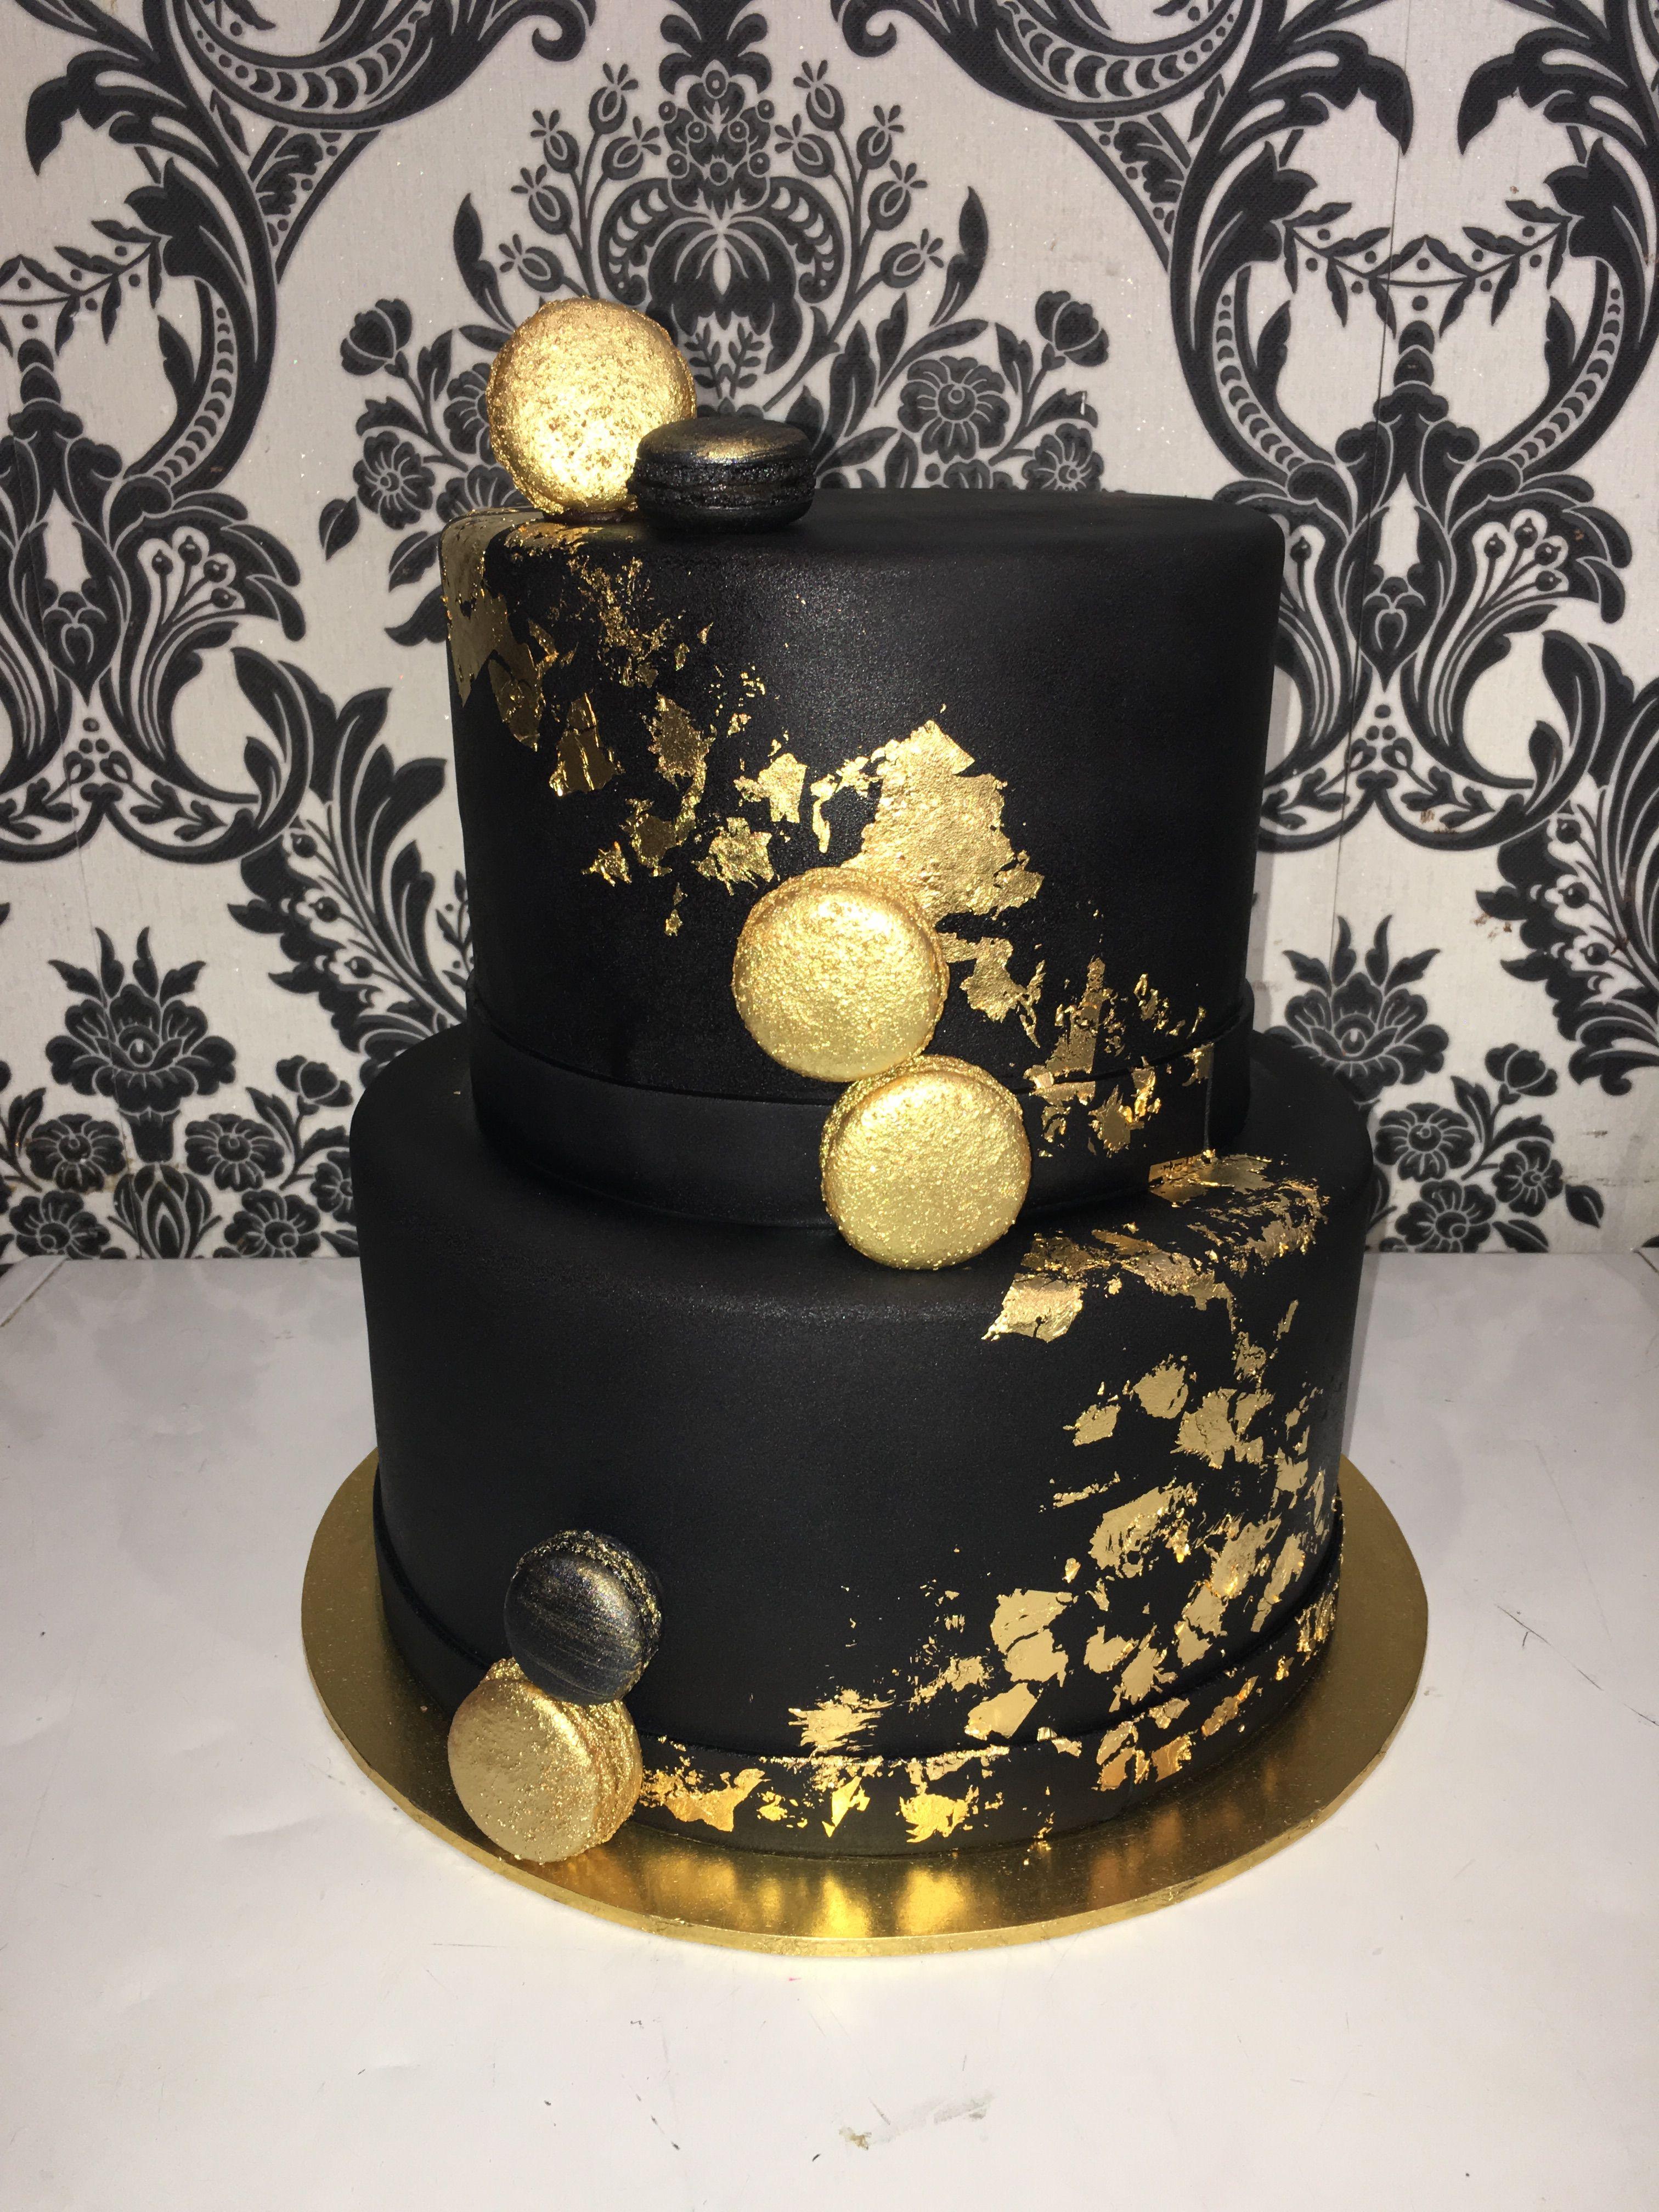 Blackcake Gold Weddingcake With Images Black And Gold Cake